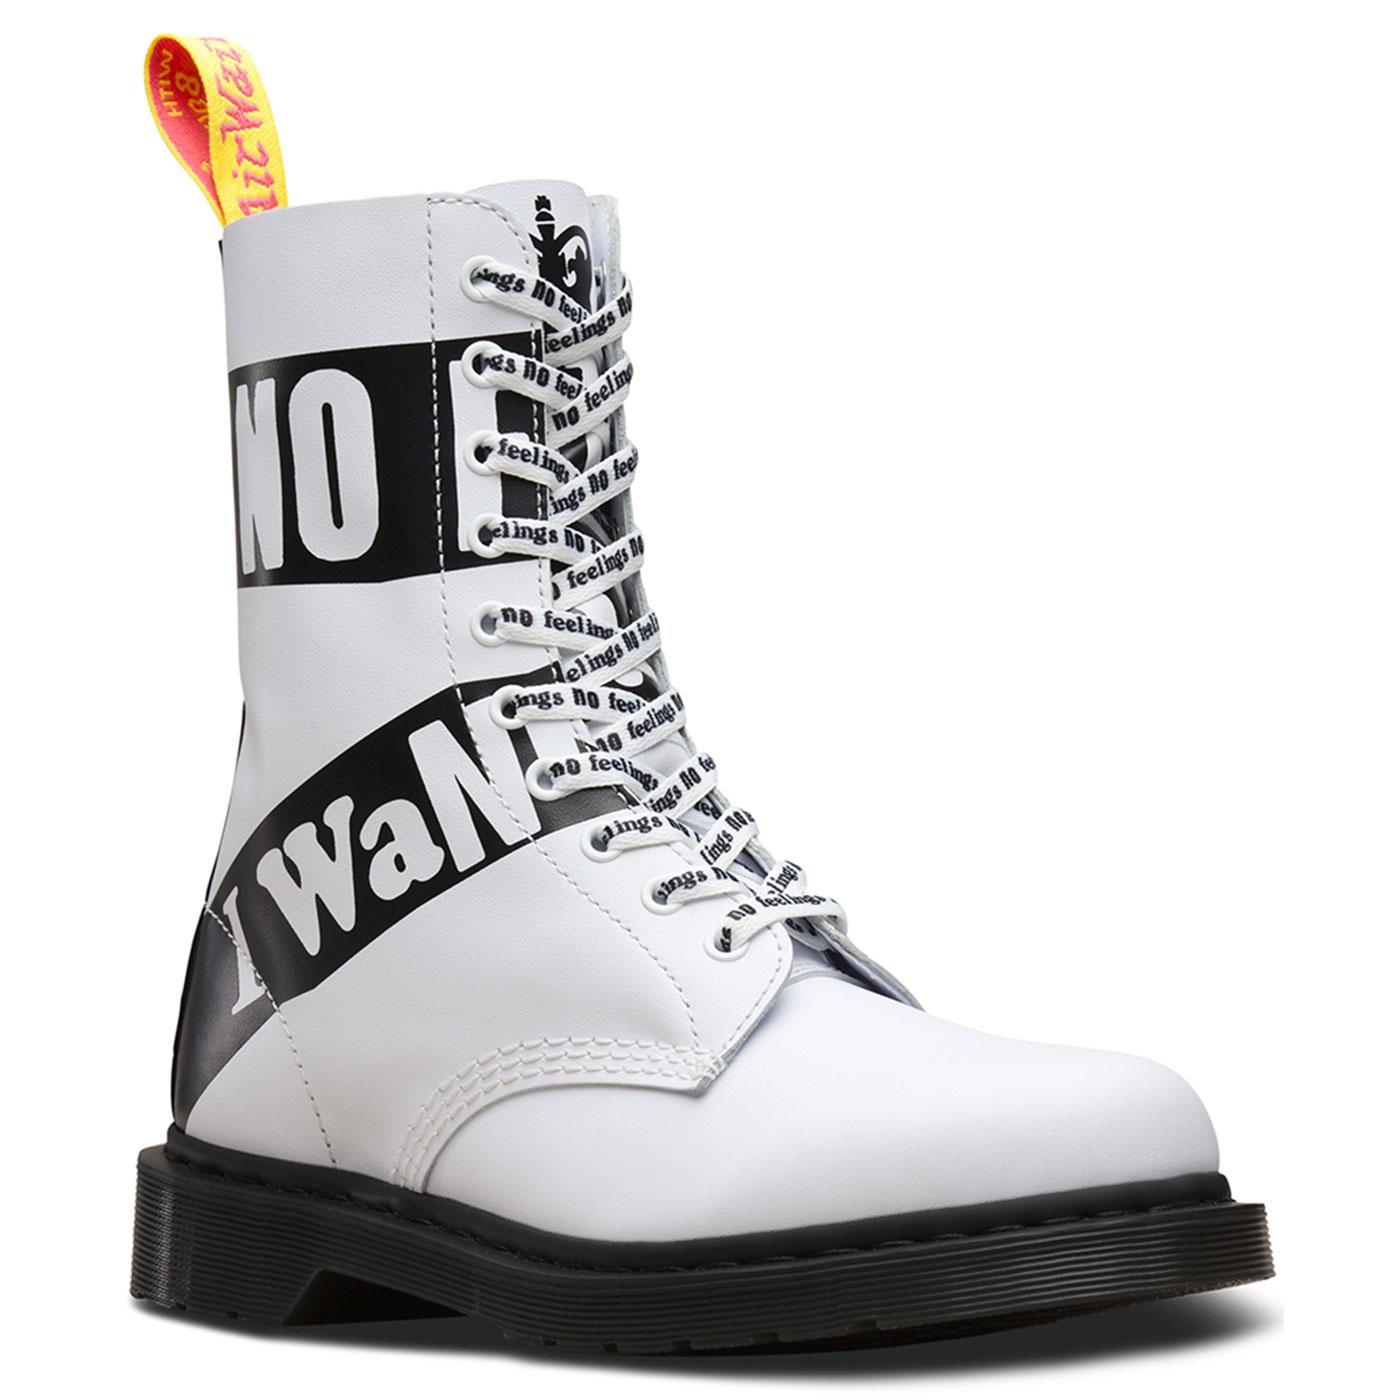 DR MARTENS x THE SEX PISTOLS 70s 1490 Punk Boots